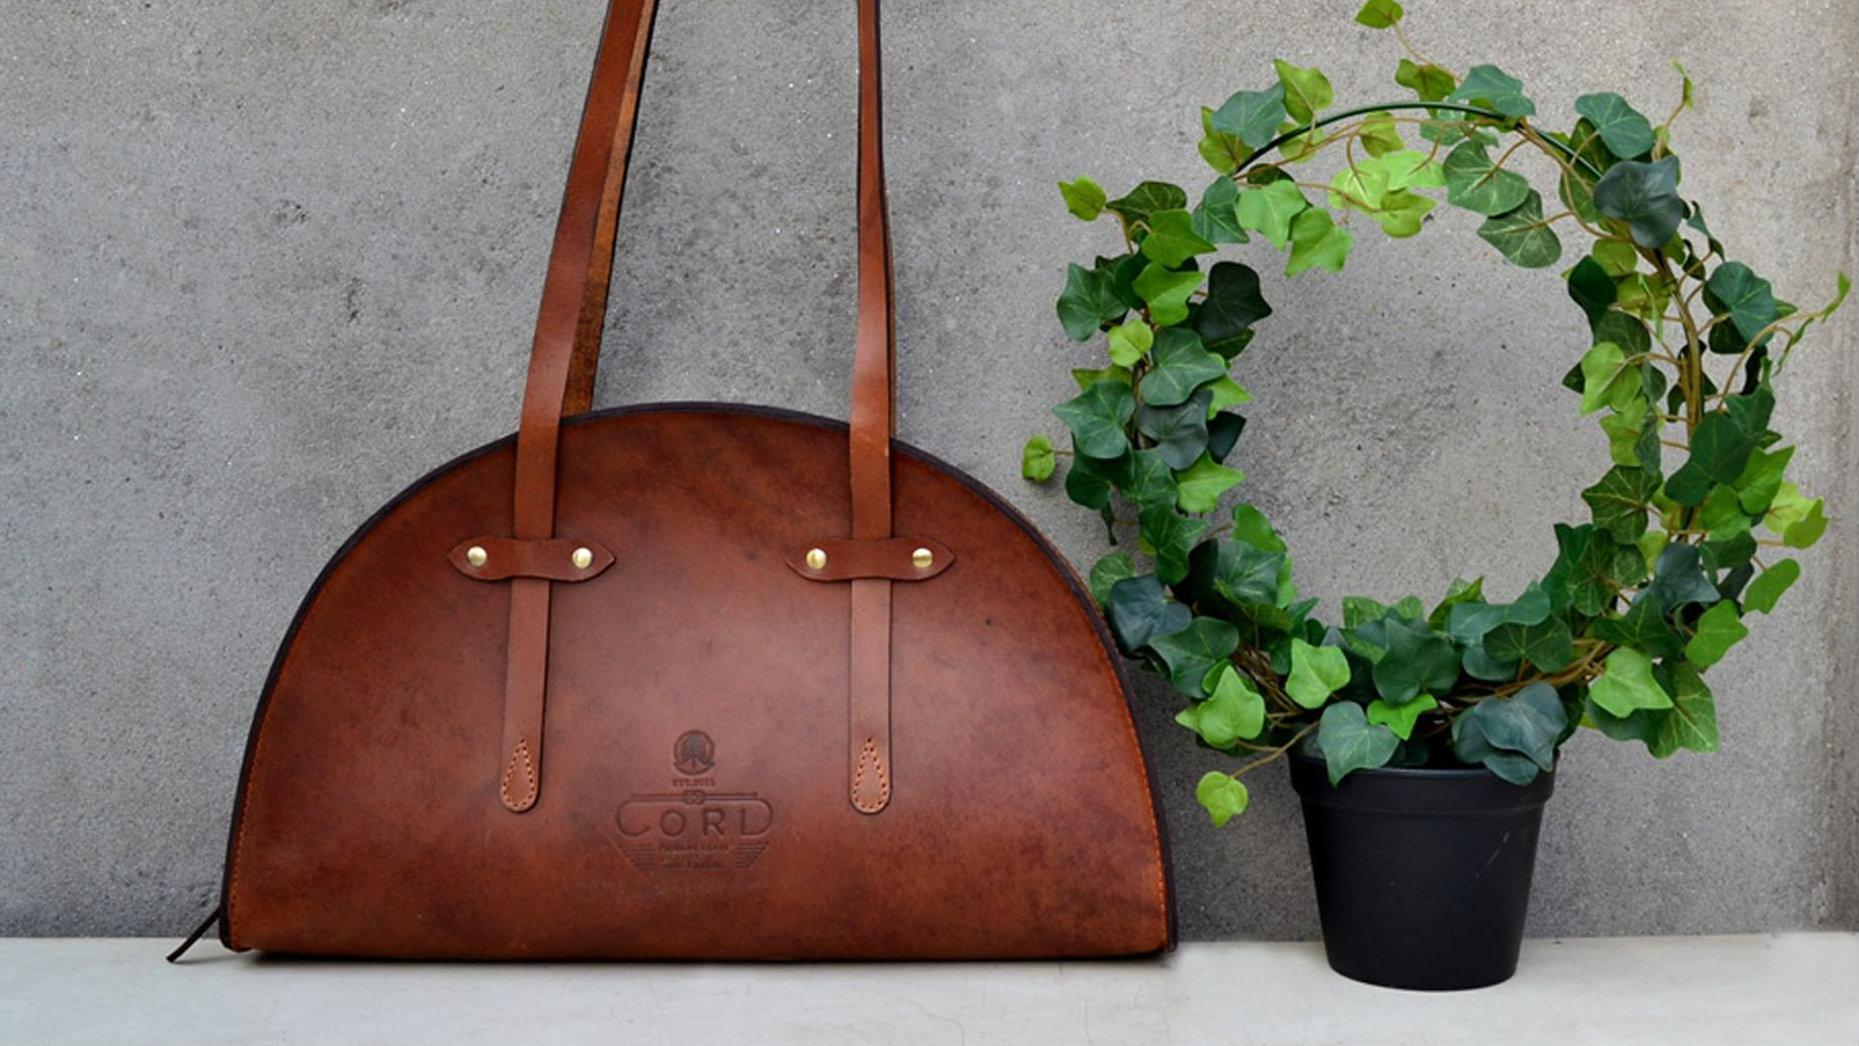 India-Cord-studio-fashion-accessories